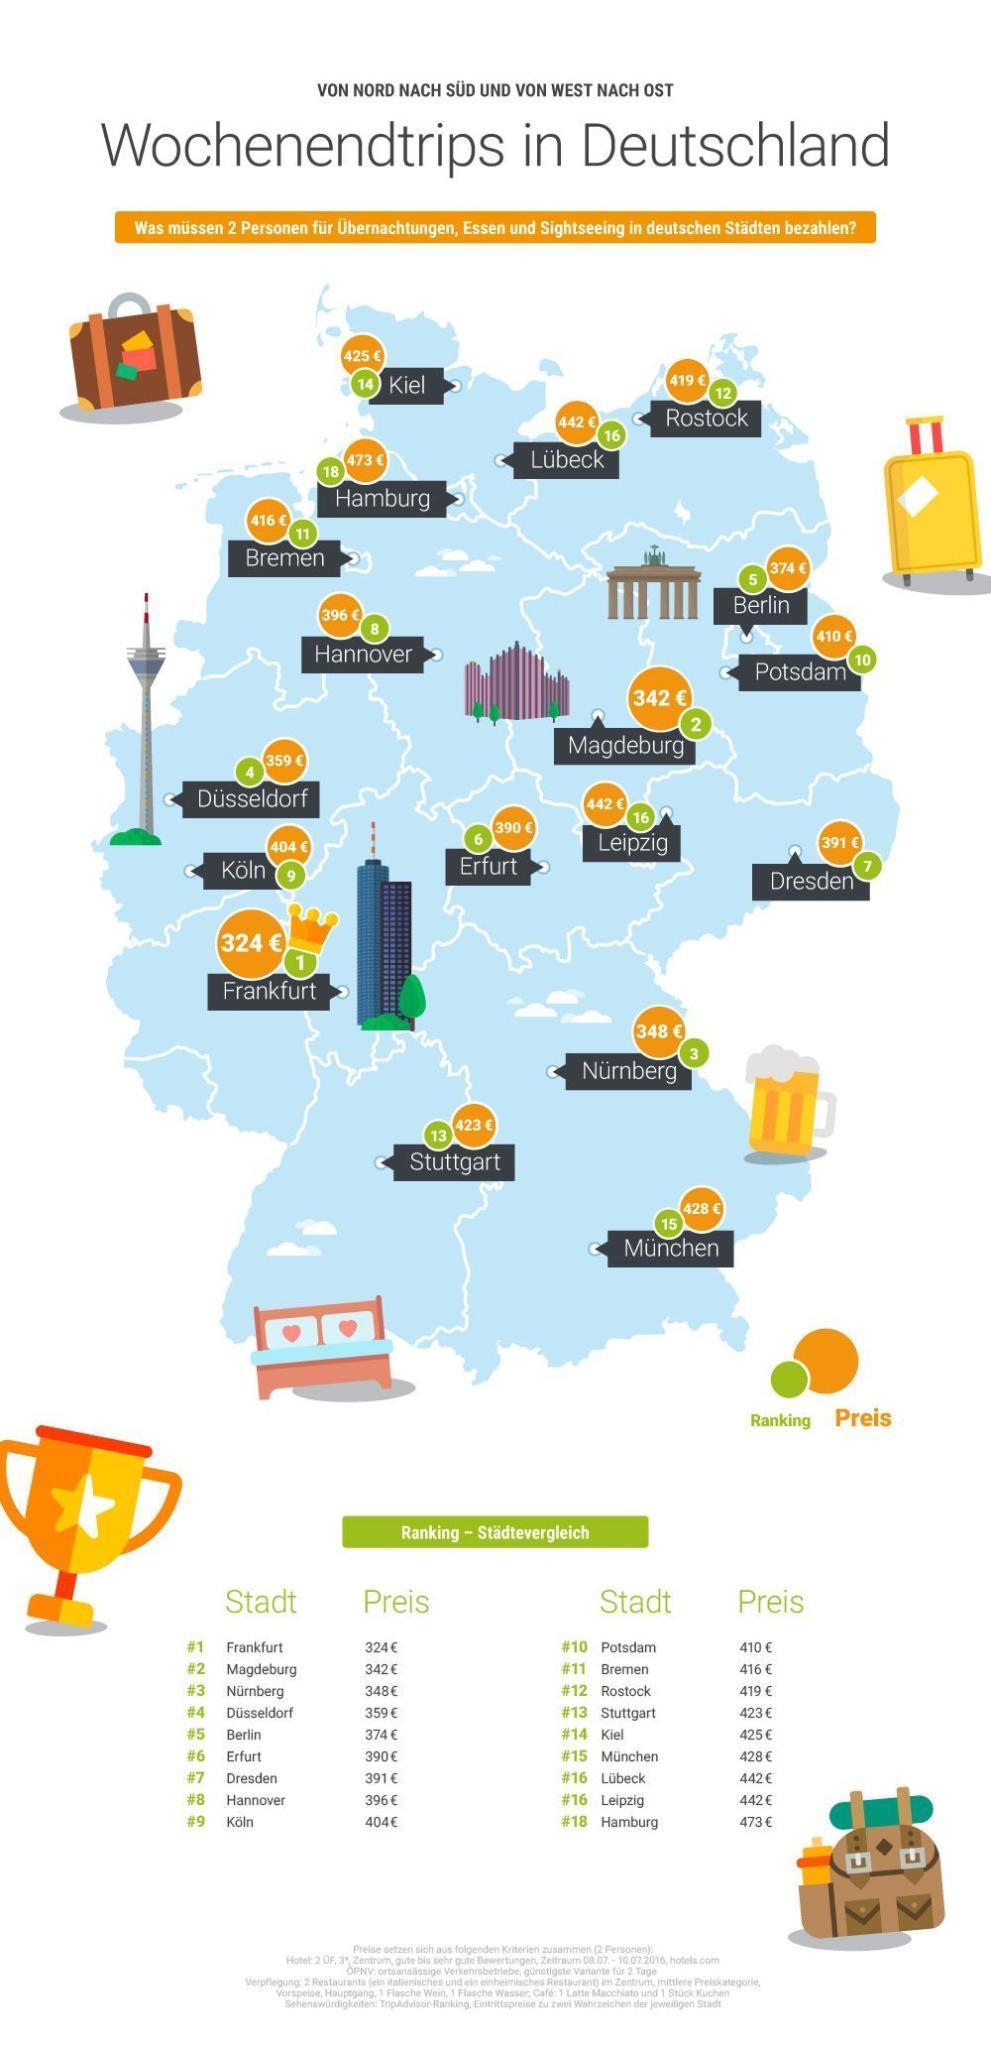 Wer günstig für einen Wochenendtrip durch Deutschland reisen möchte, kommt in Frankfurt am Main besonders gut weg. Hamburg dagegen kostet am meisten.